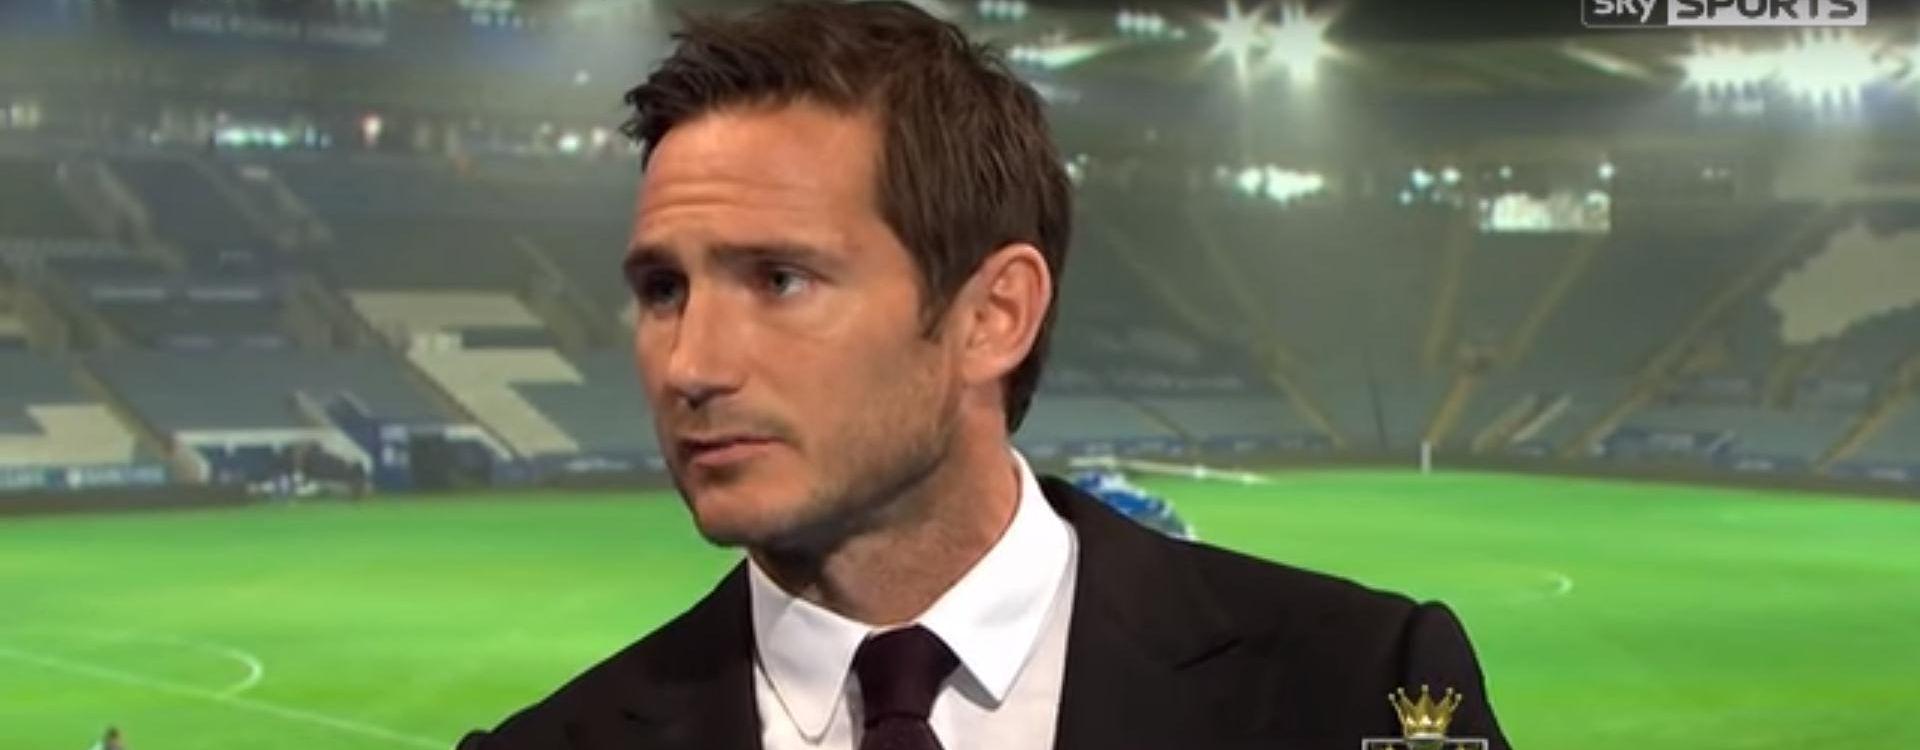 """FRANK LAMPARD """"Sve dugujuem Ranieriju. Leicester je na pragu nečeg fantastičnog"""""""